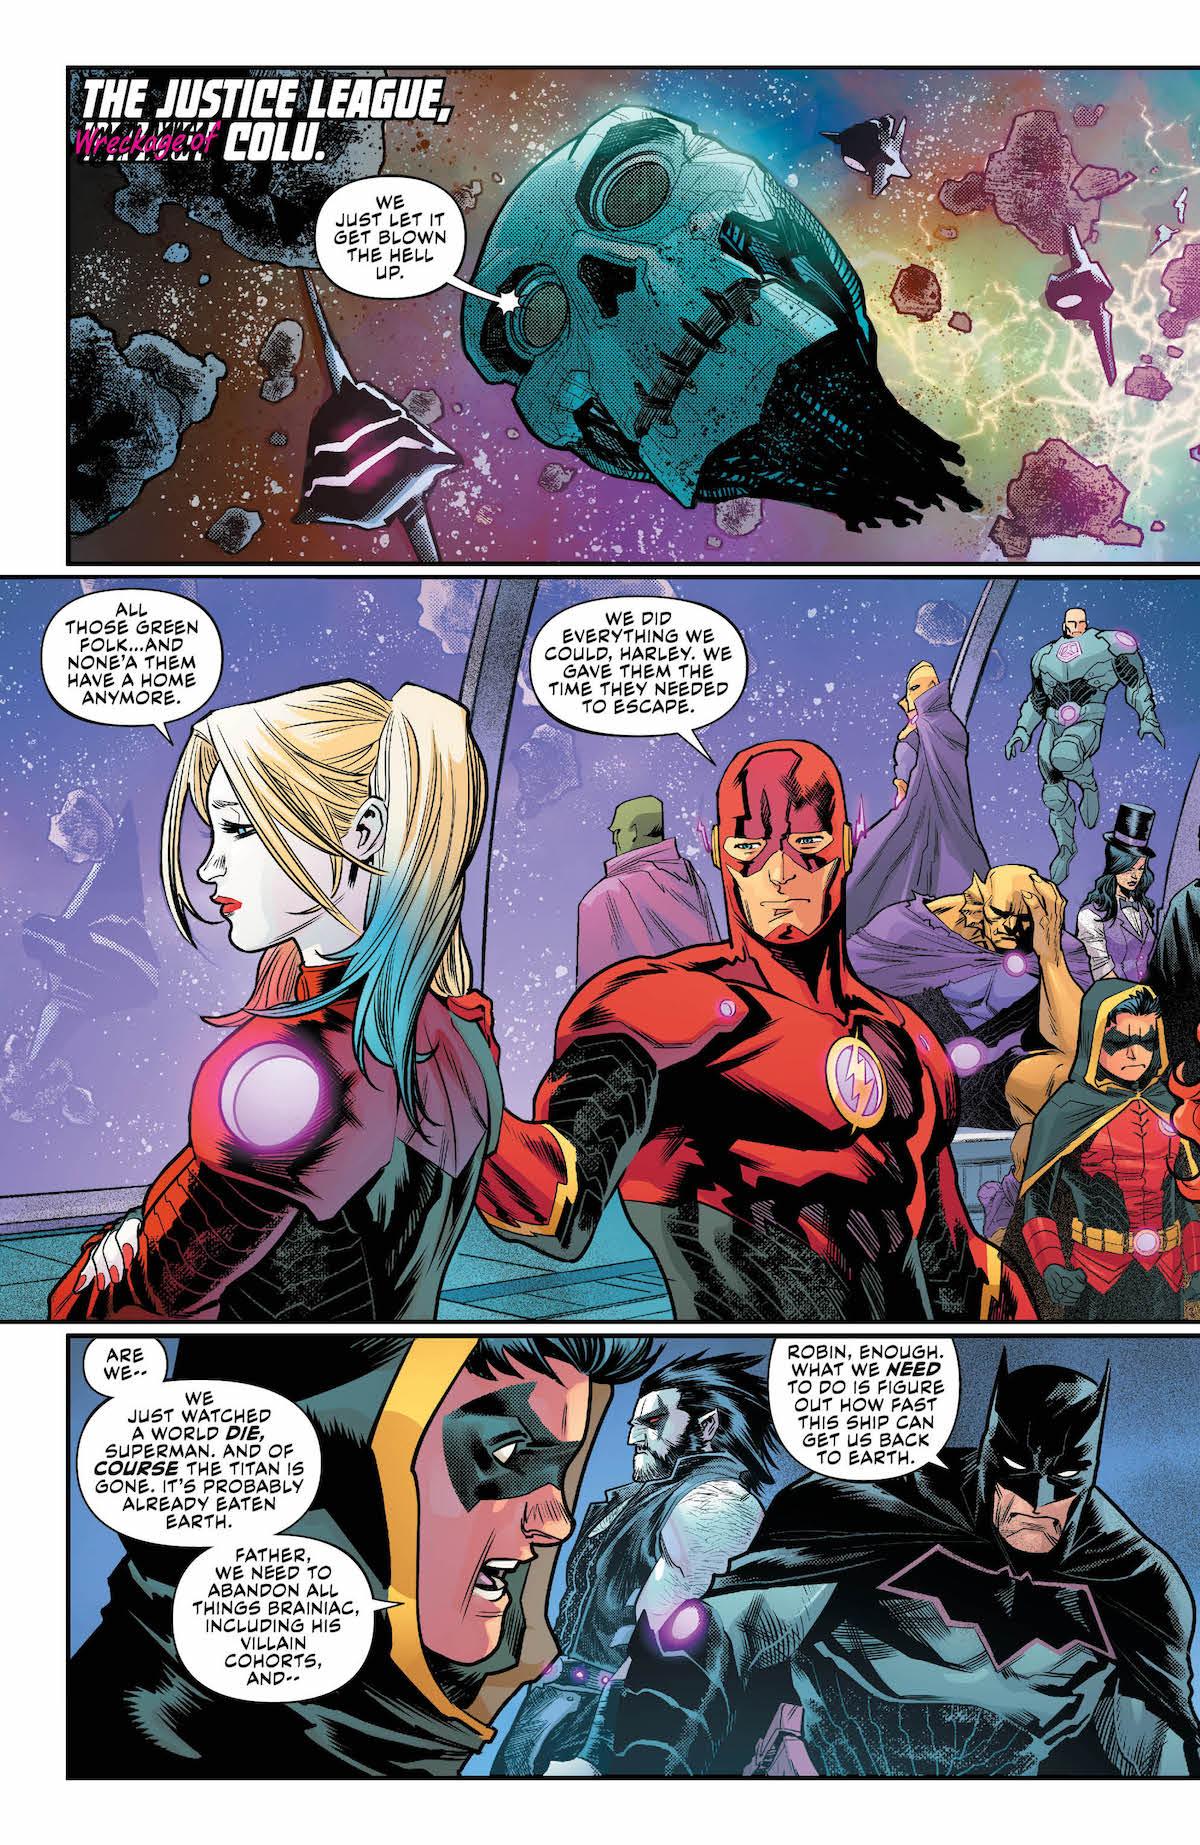 Justice League No Justice #4 page 4